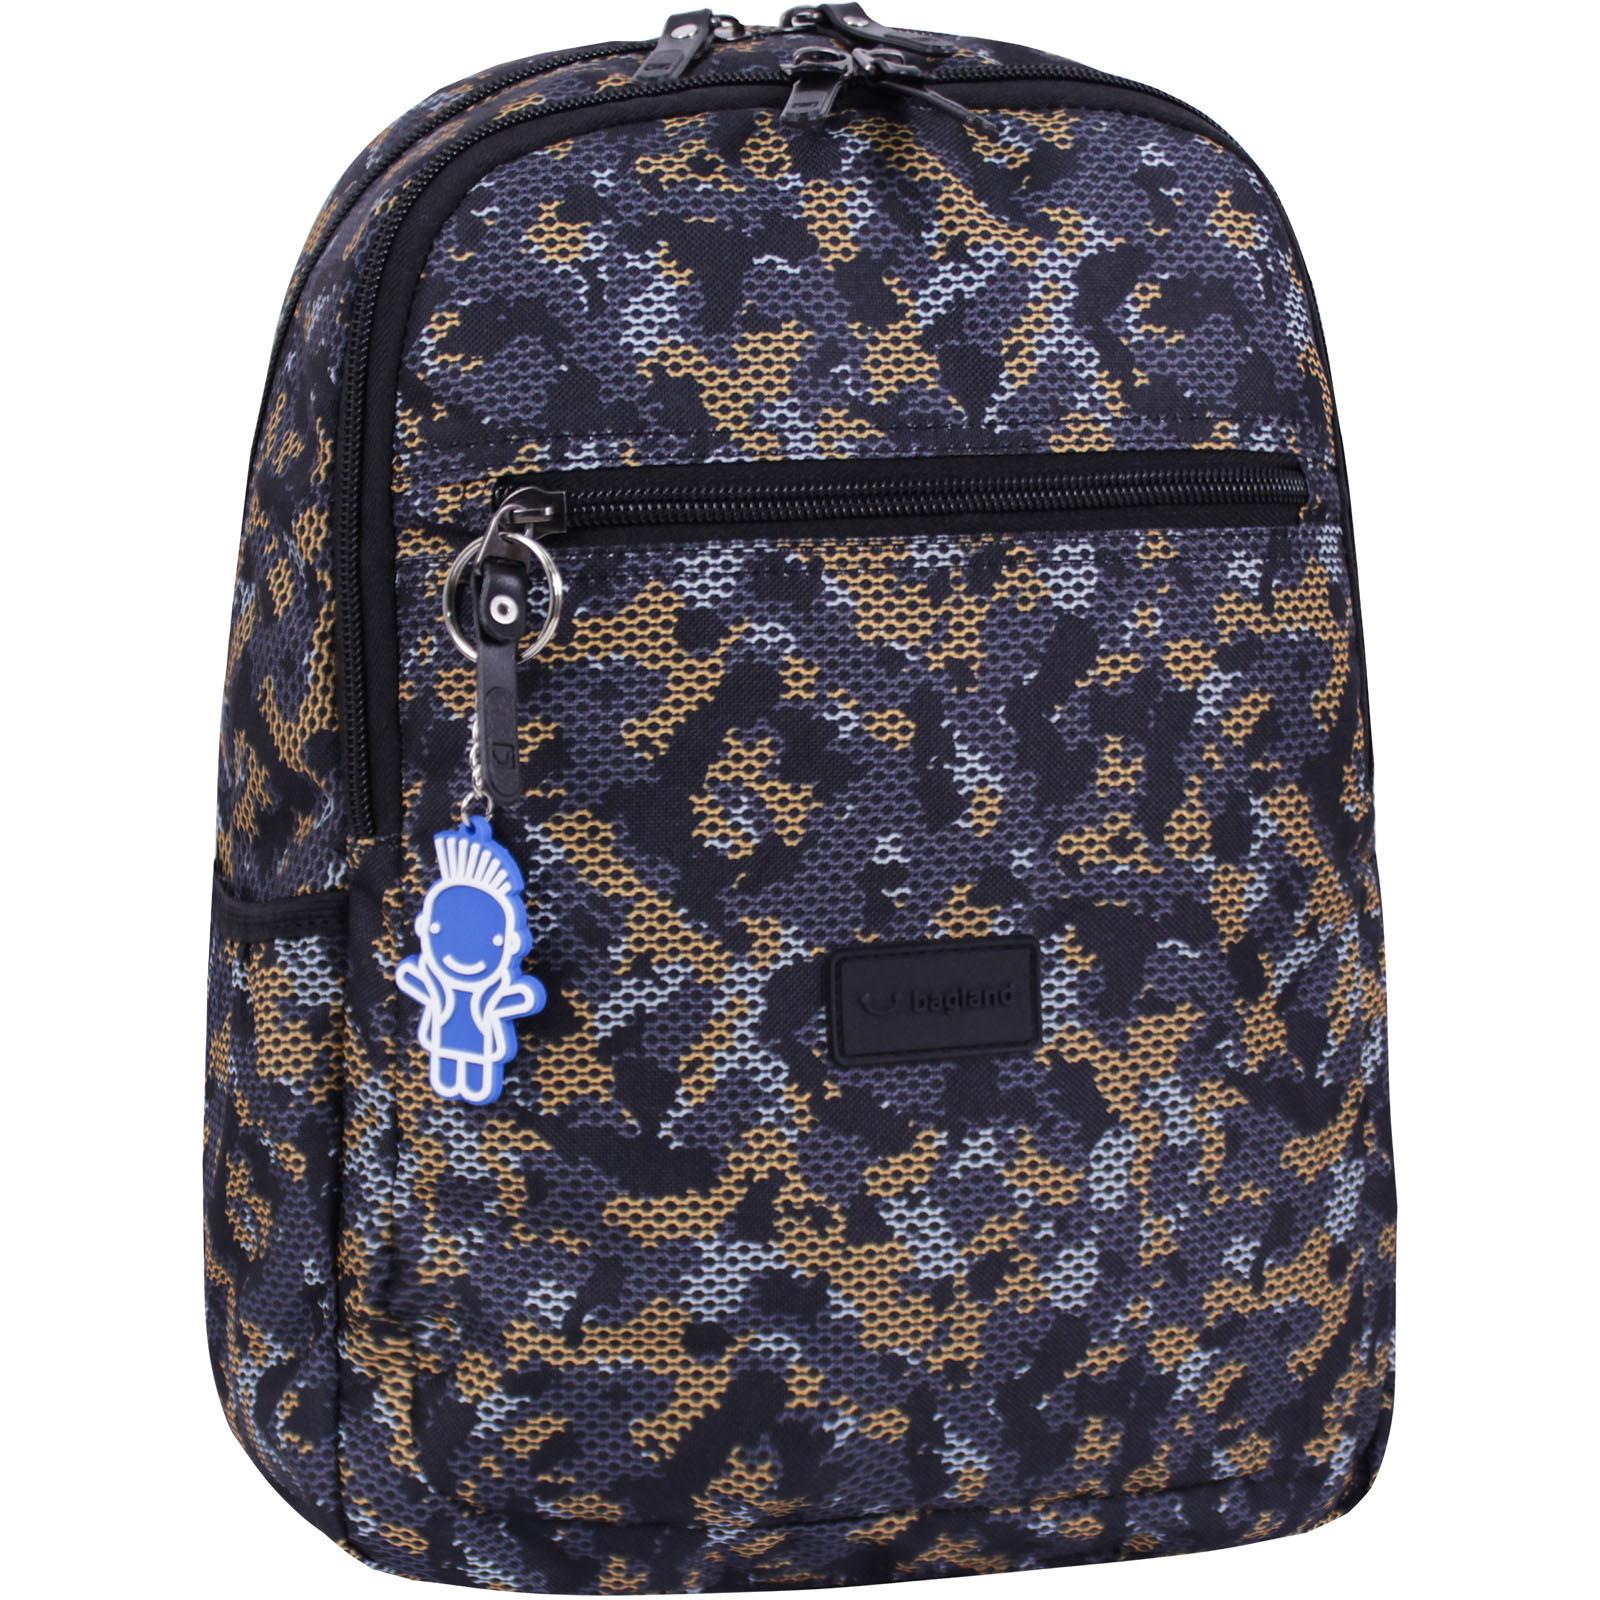 Маленькие рюкзаки Рюкзак Bagland Young 13 л. сублімація 455 (00510664) IMG_7924-1600-455.jpg